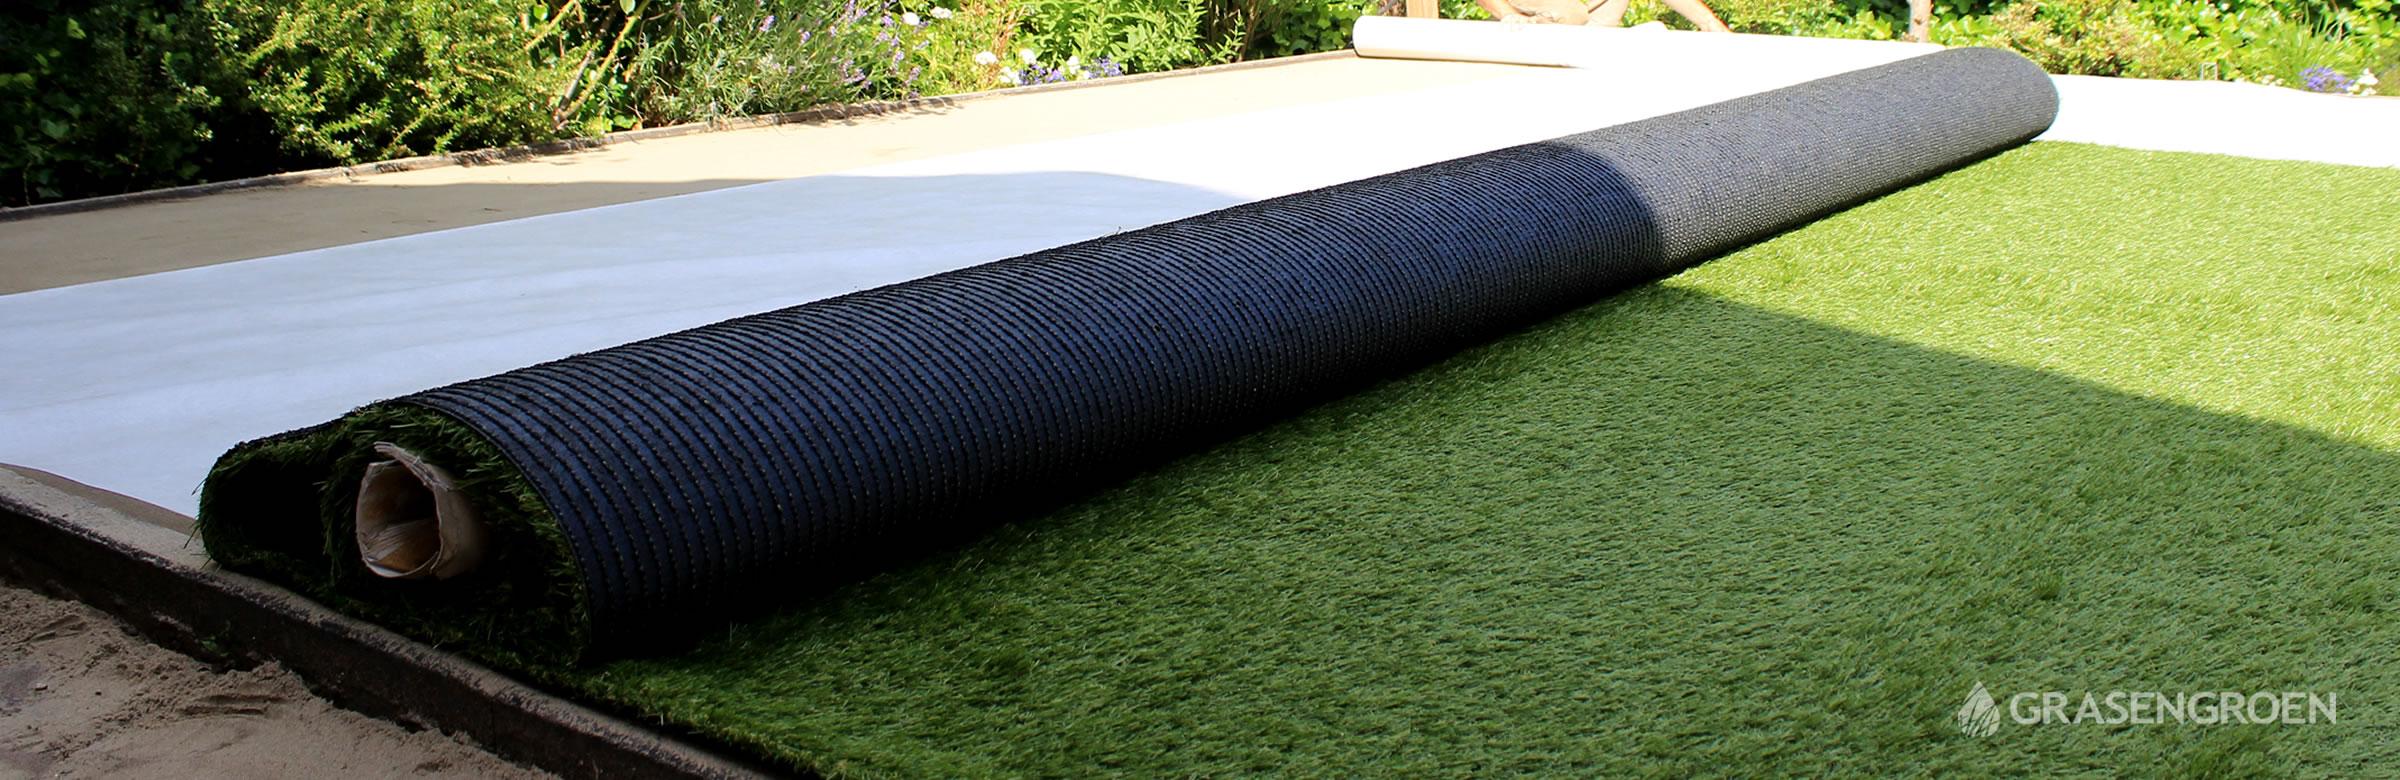 kunstgras diensten • Gras en Groen Kunstgras